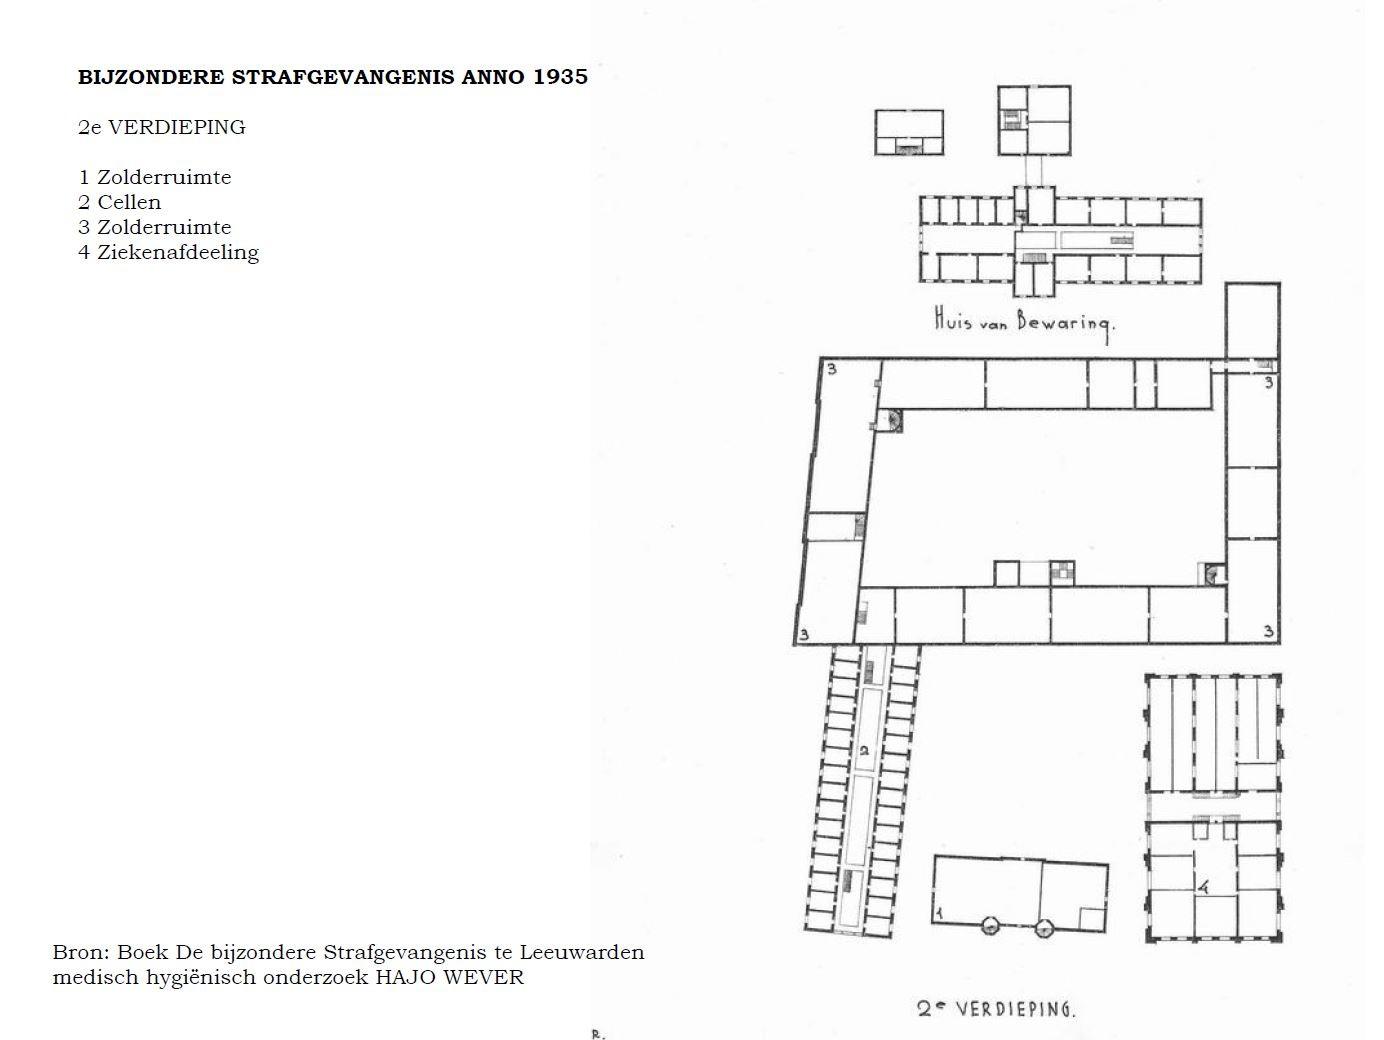 Plattegrond strafgevangenis en Huis van Bewaring Leeuwarden